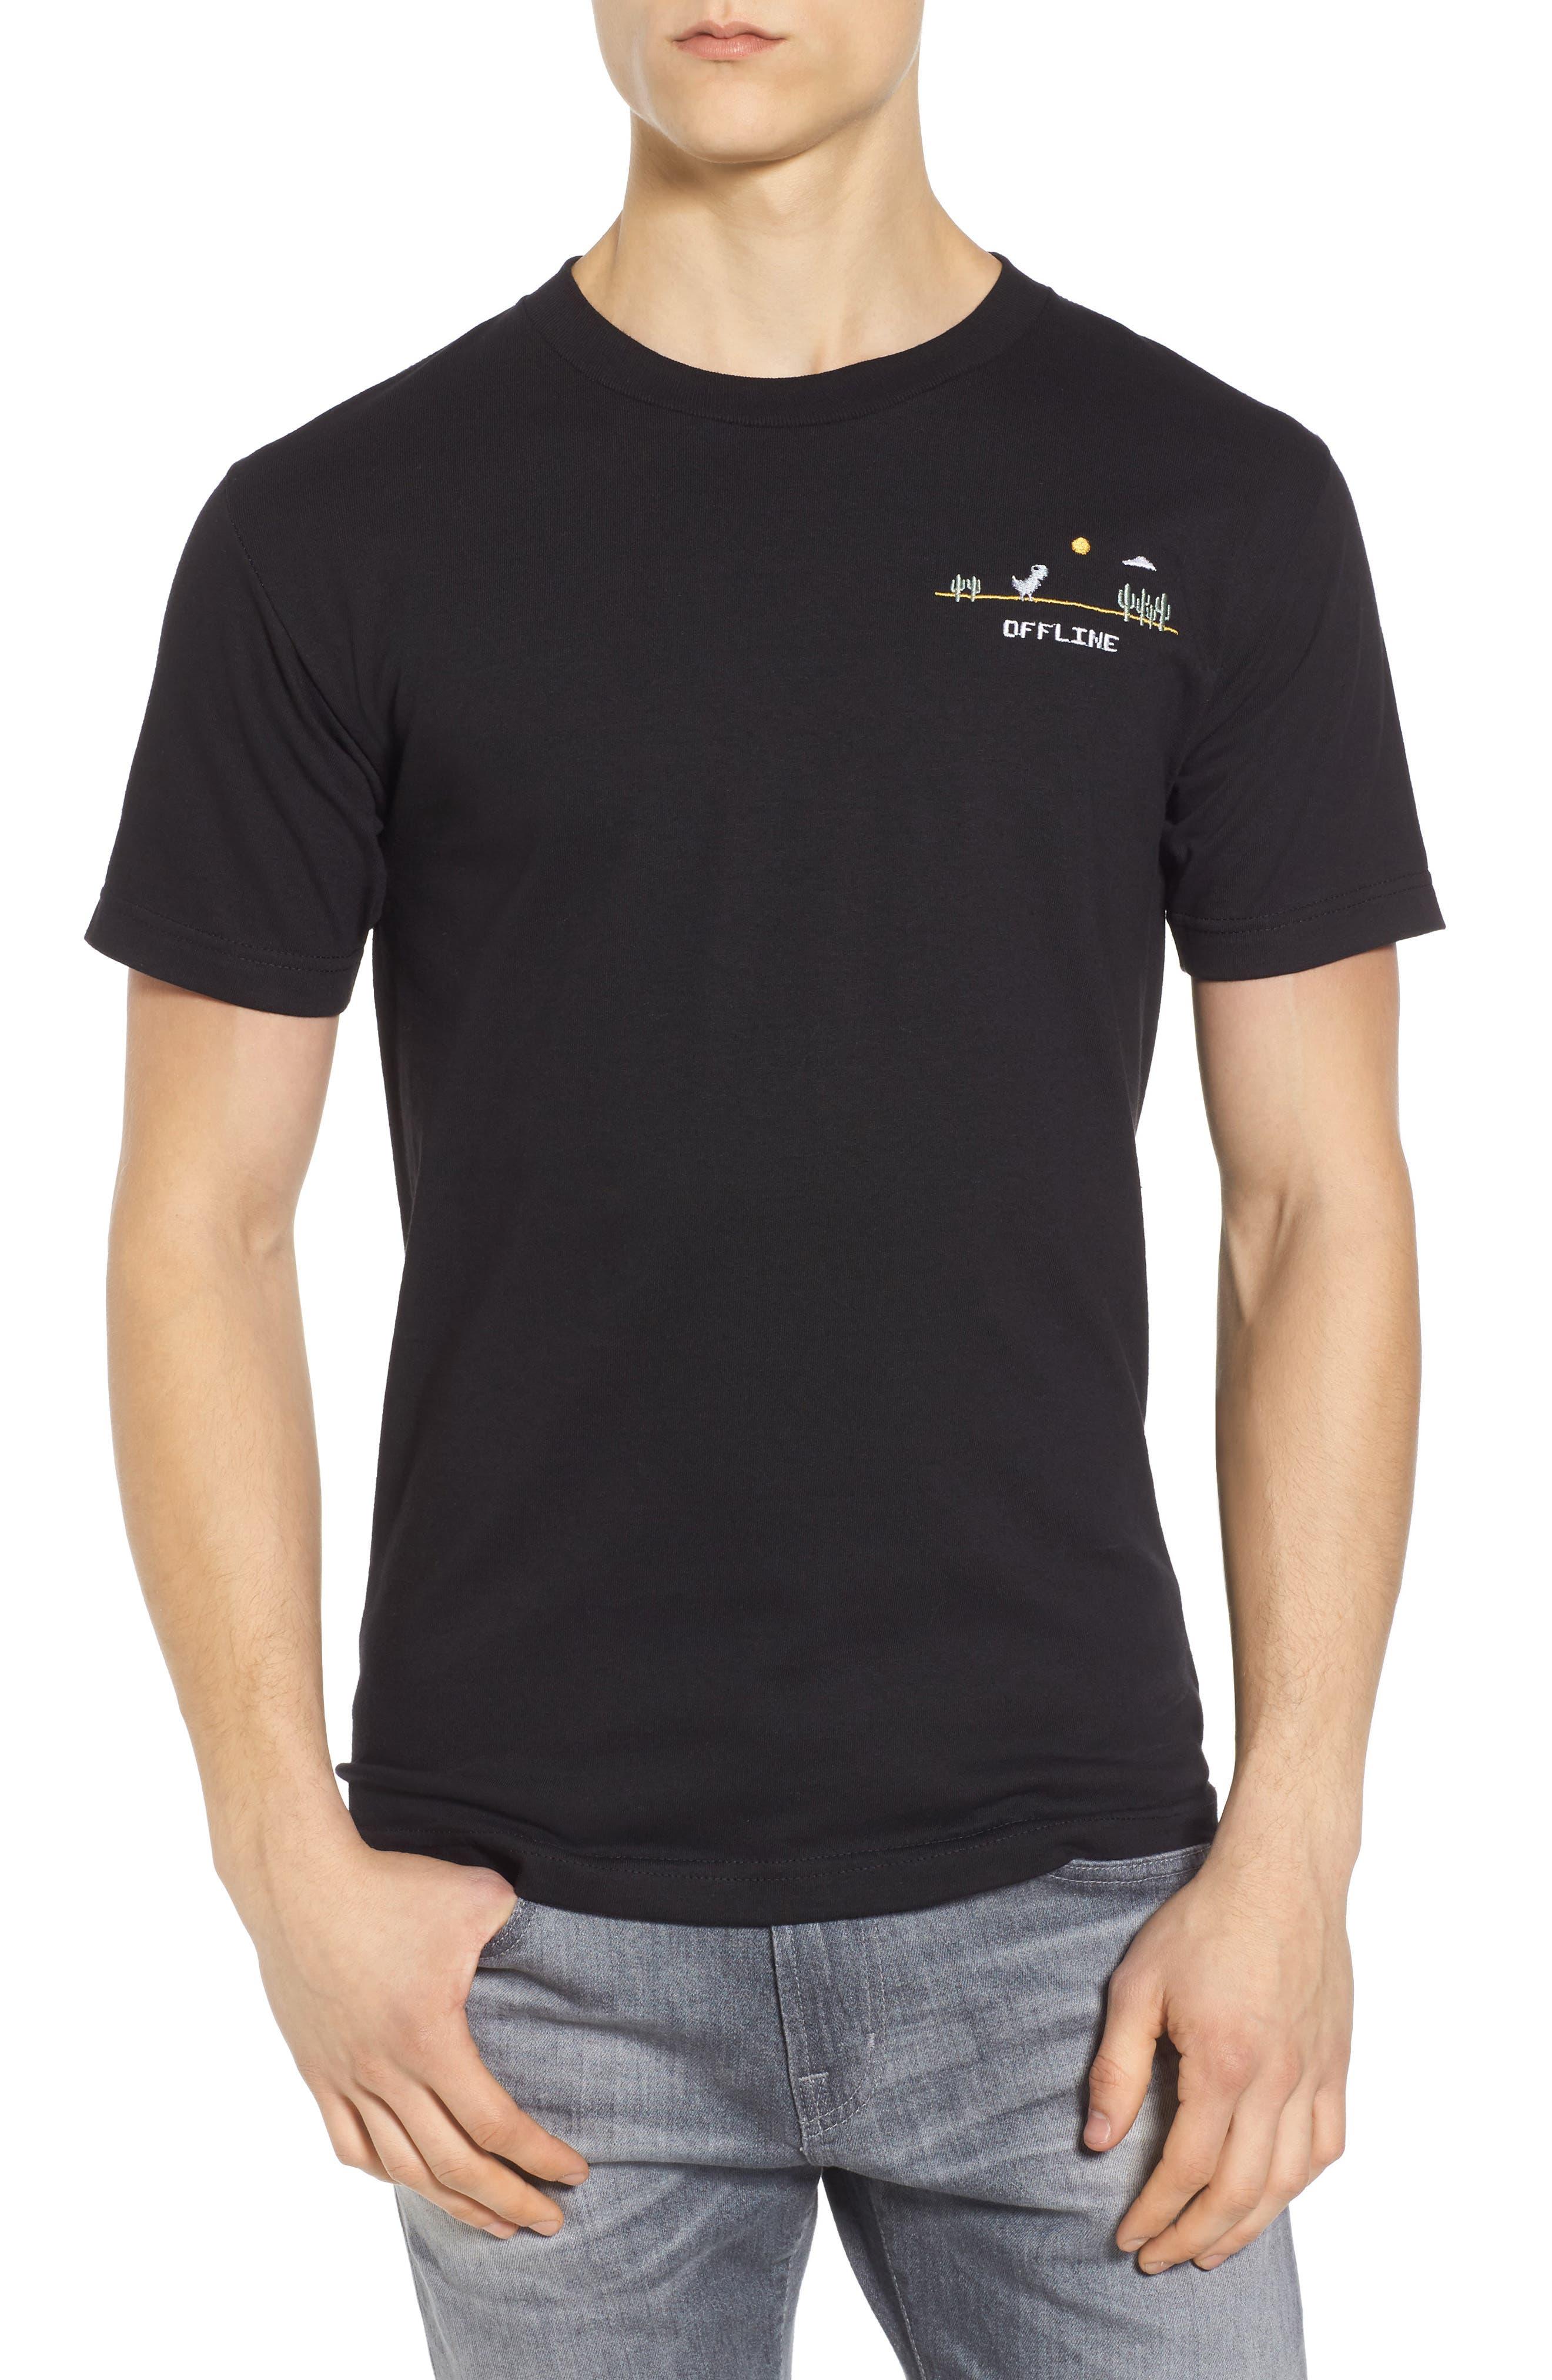 Altru Dino Offline T-Shirt